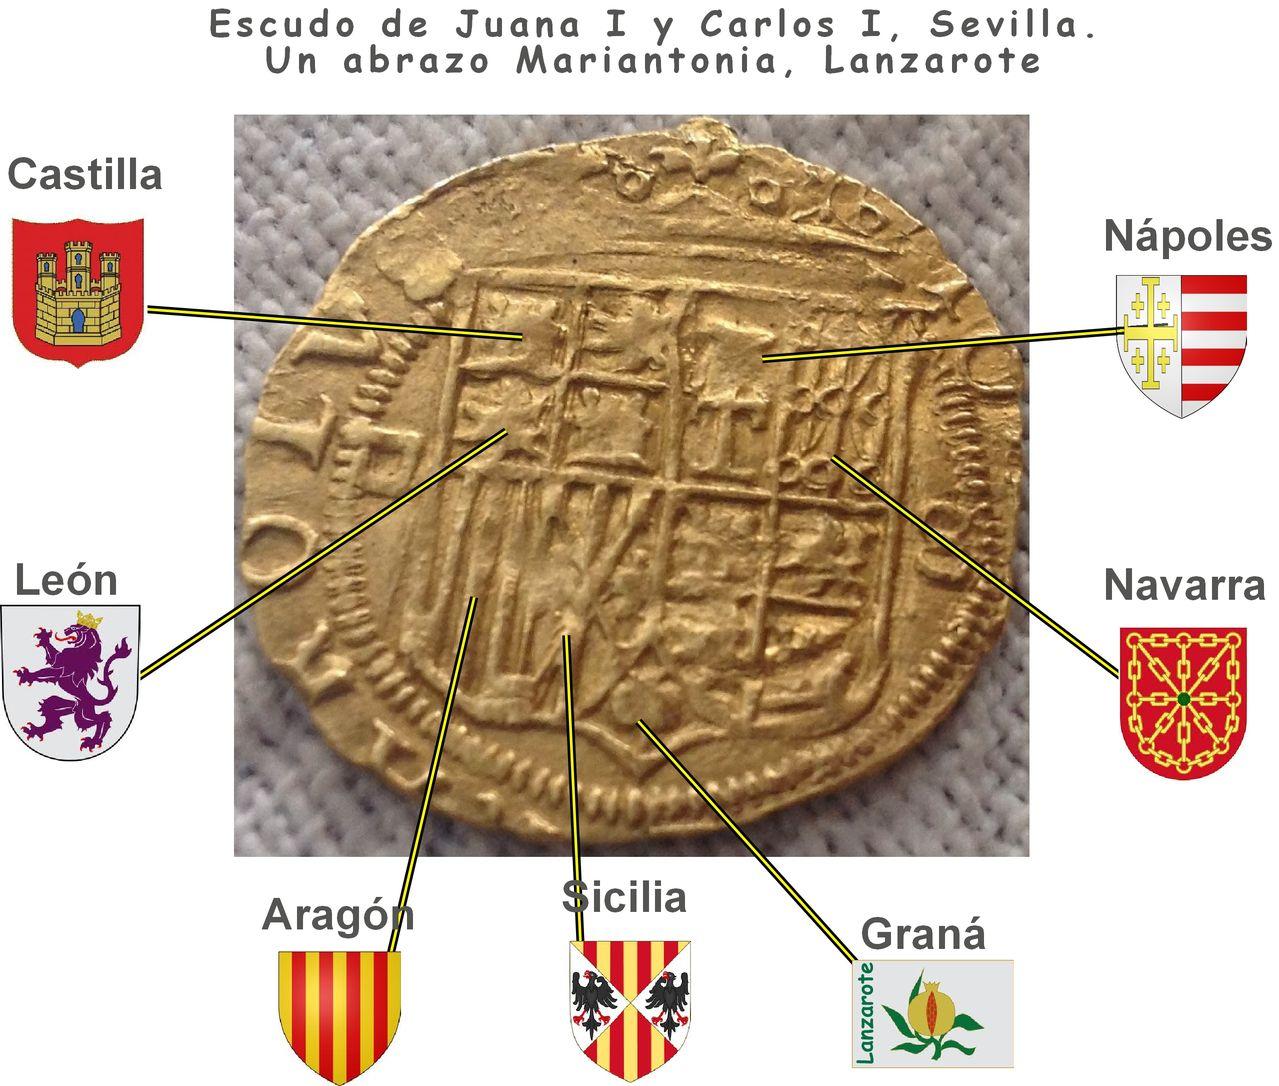 Escudo Juana y Carlos Sevilla. Dedit Lanzarote Escudo_carlos_y_juana